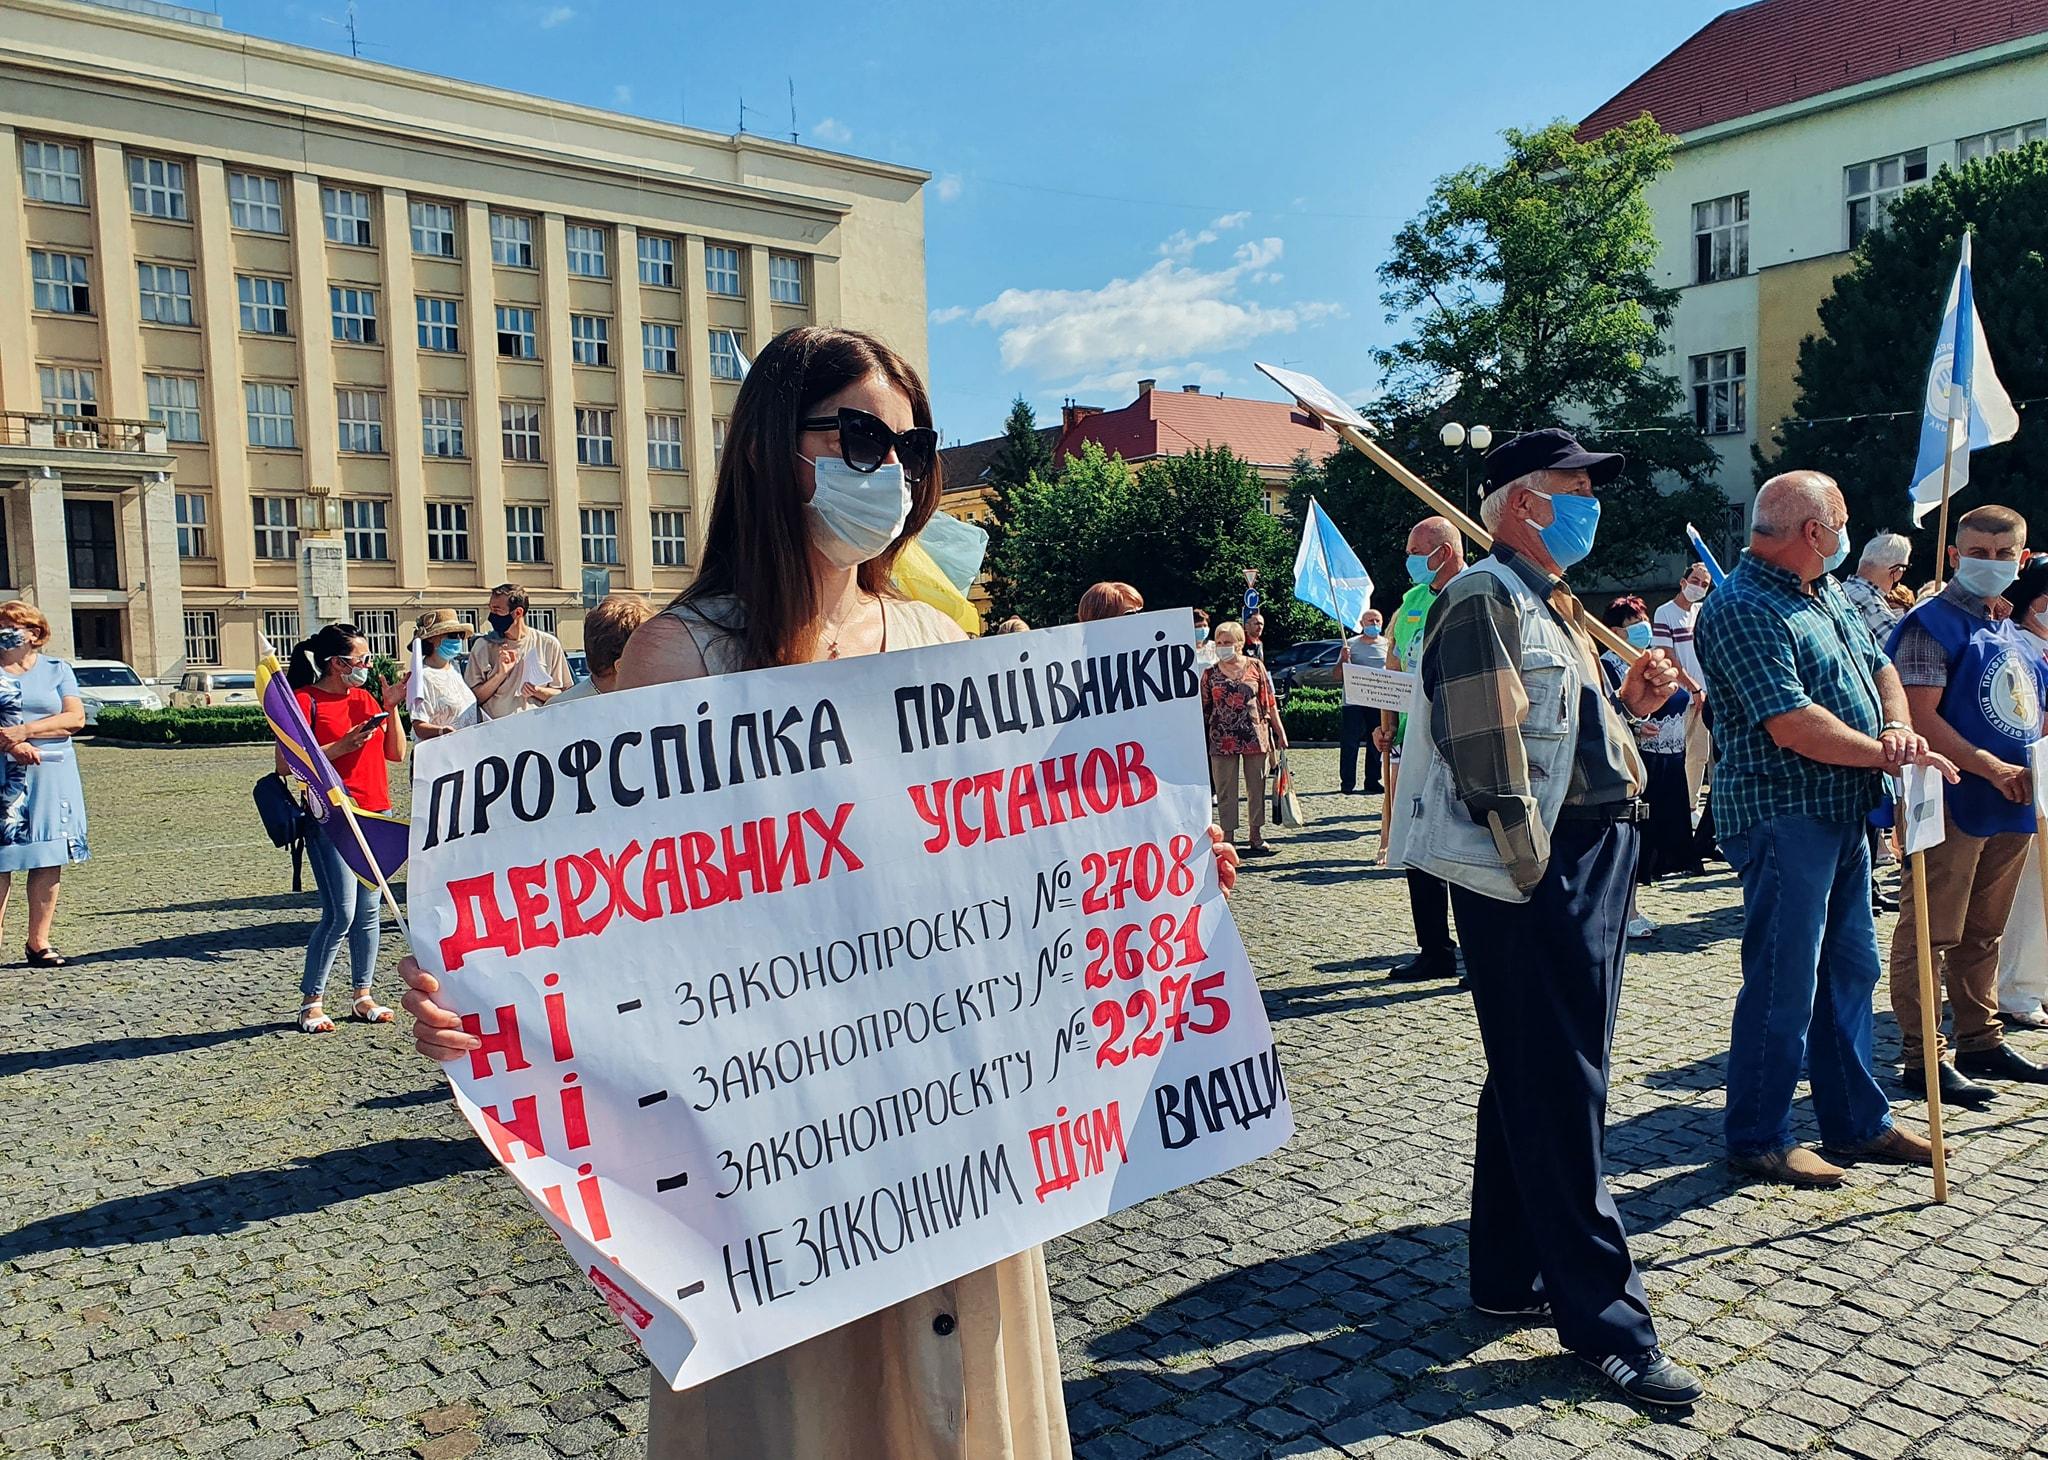 Акція протесту в Ужгороді: відомо, що вимагають люди